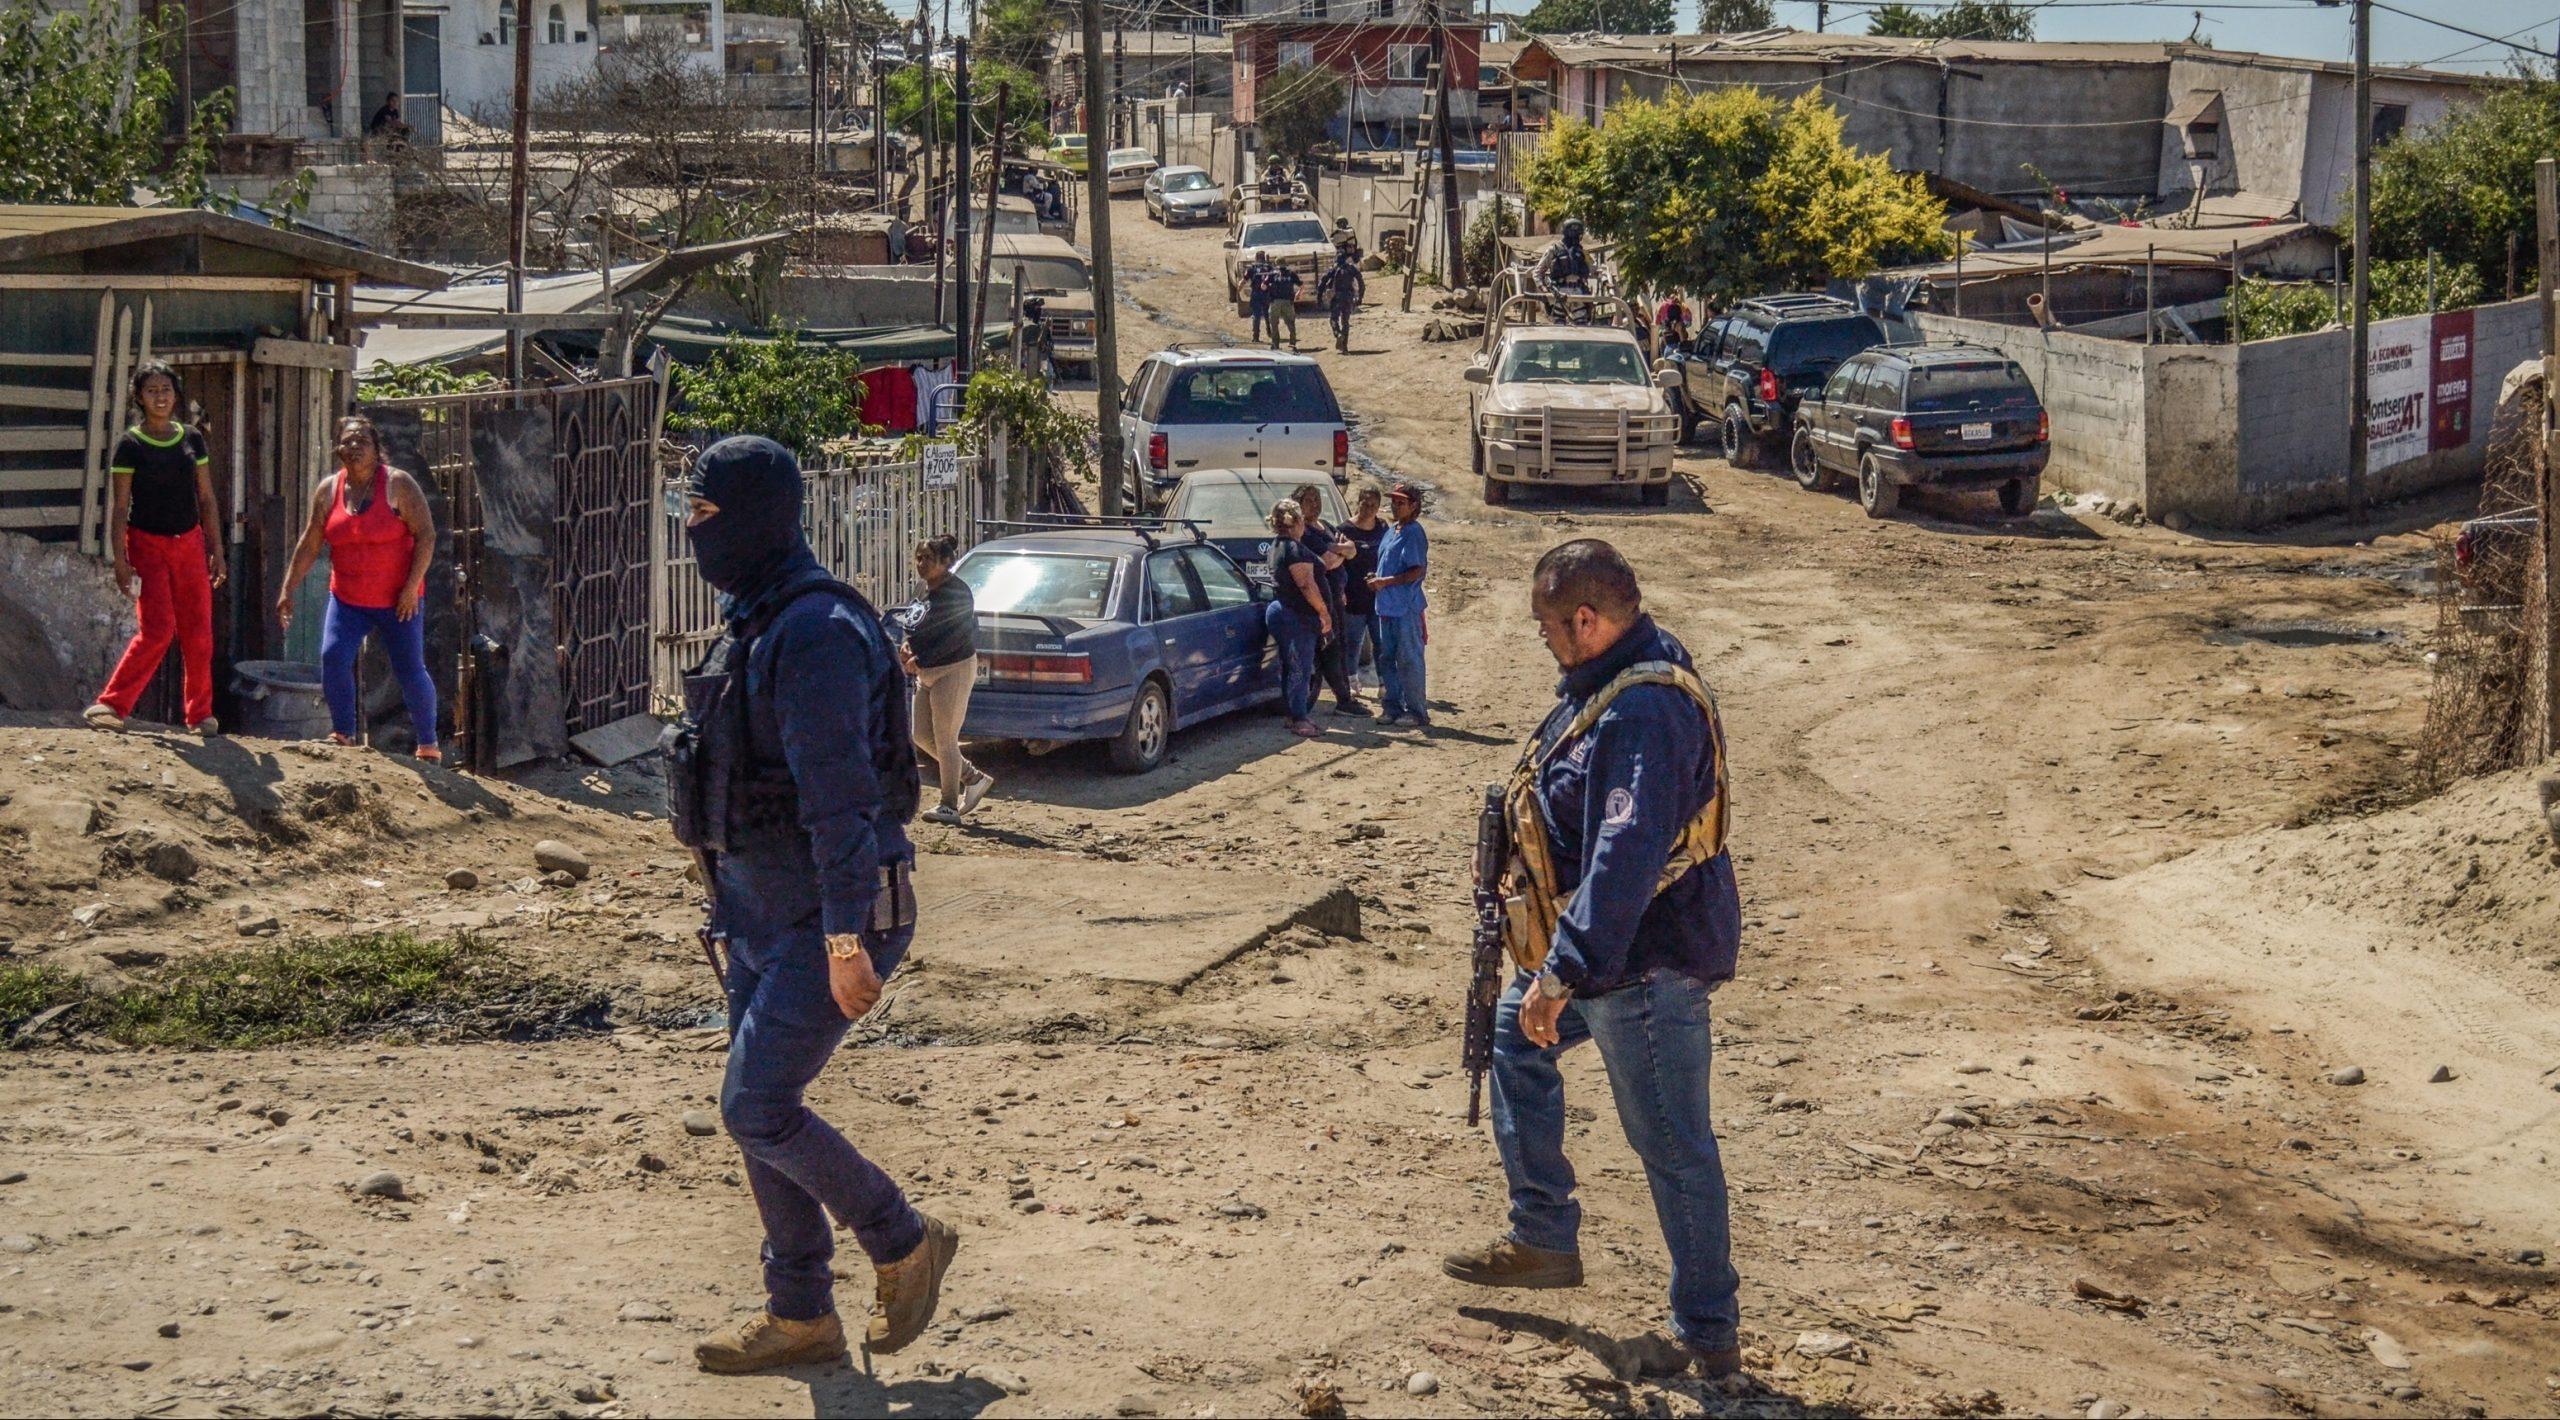 El macabro envío que le hicieron al director de la Policía de Tijuana en su primer día en el cargo - Prensa Libre